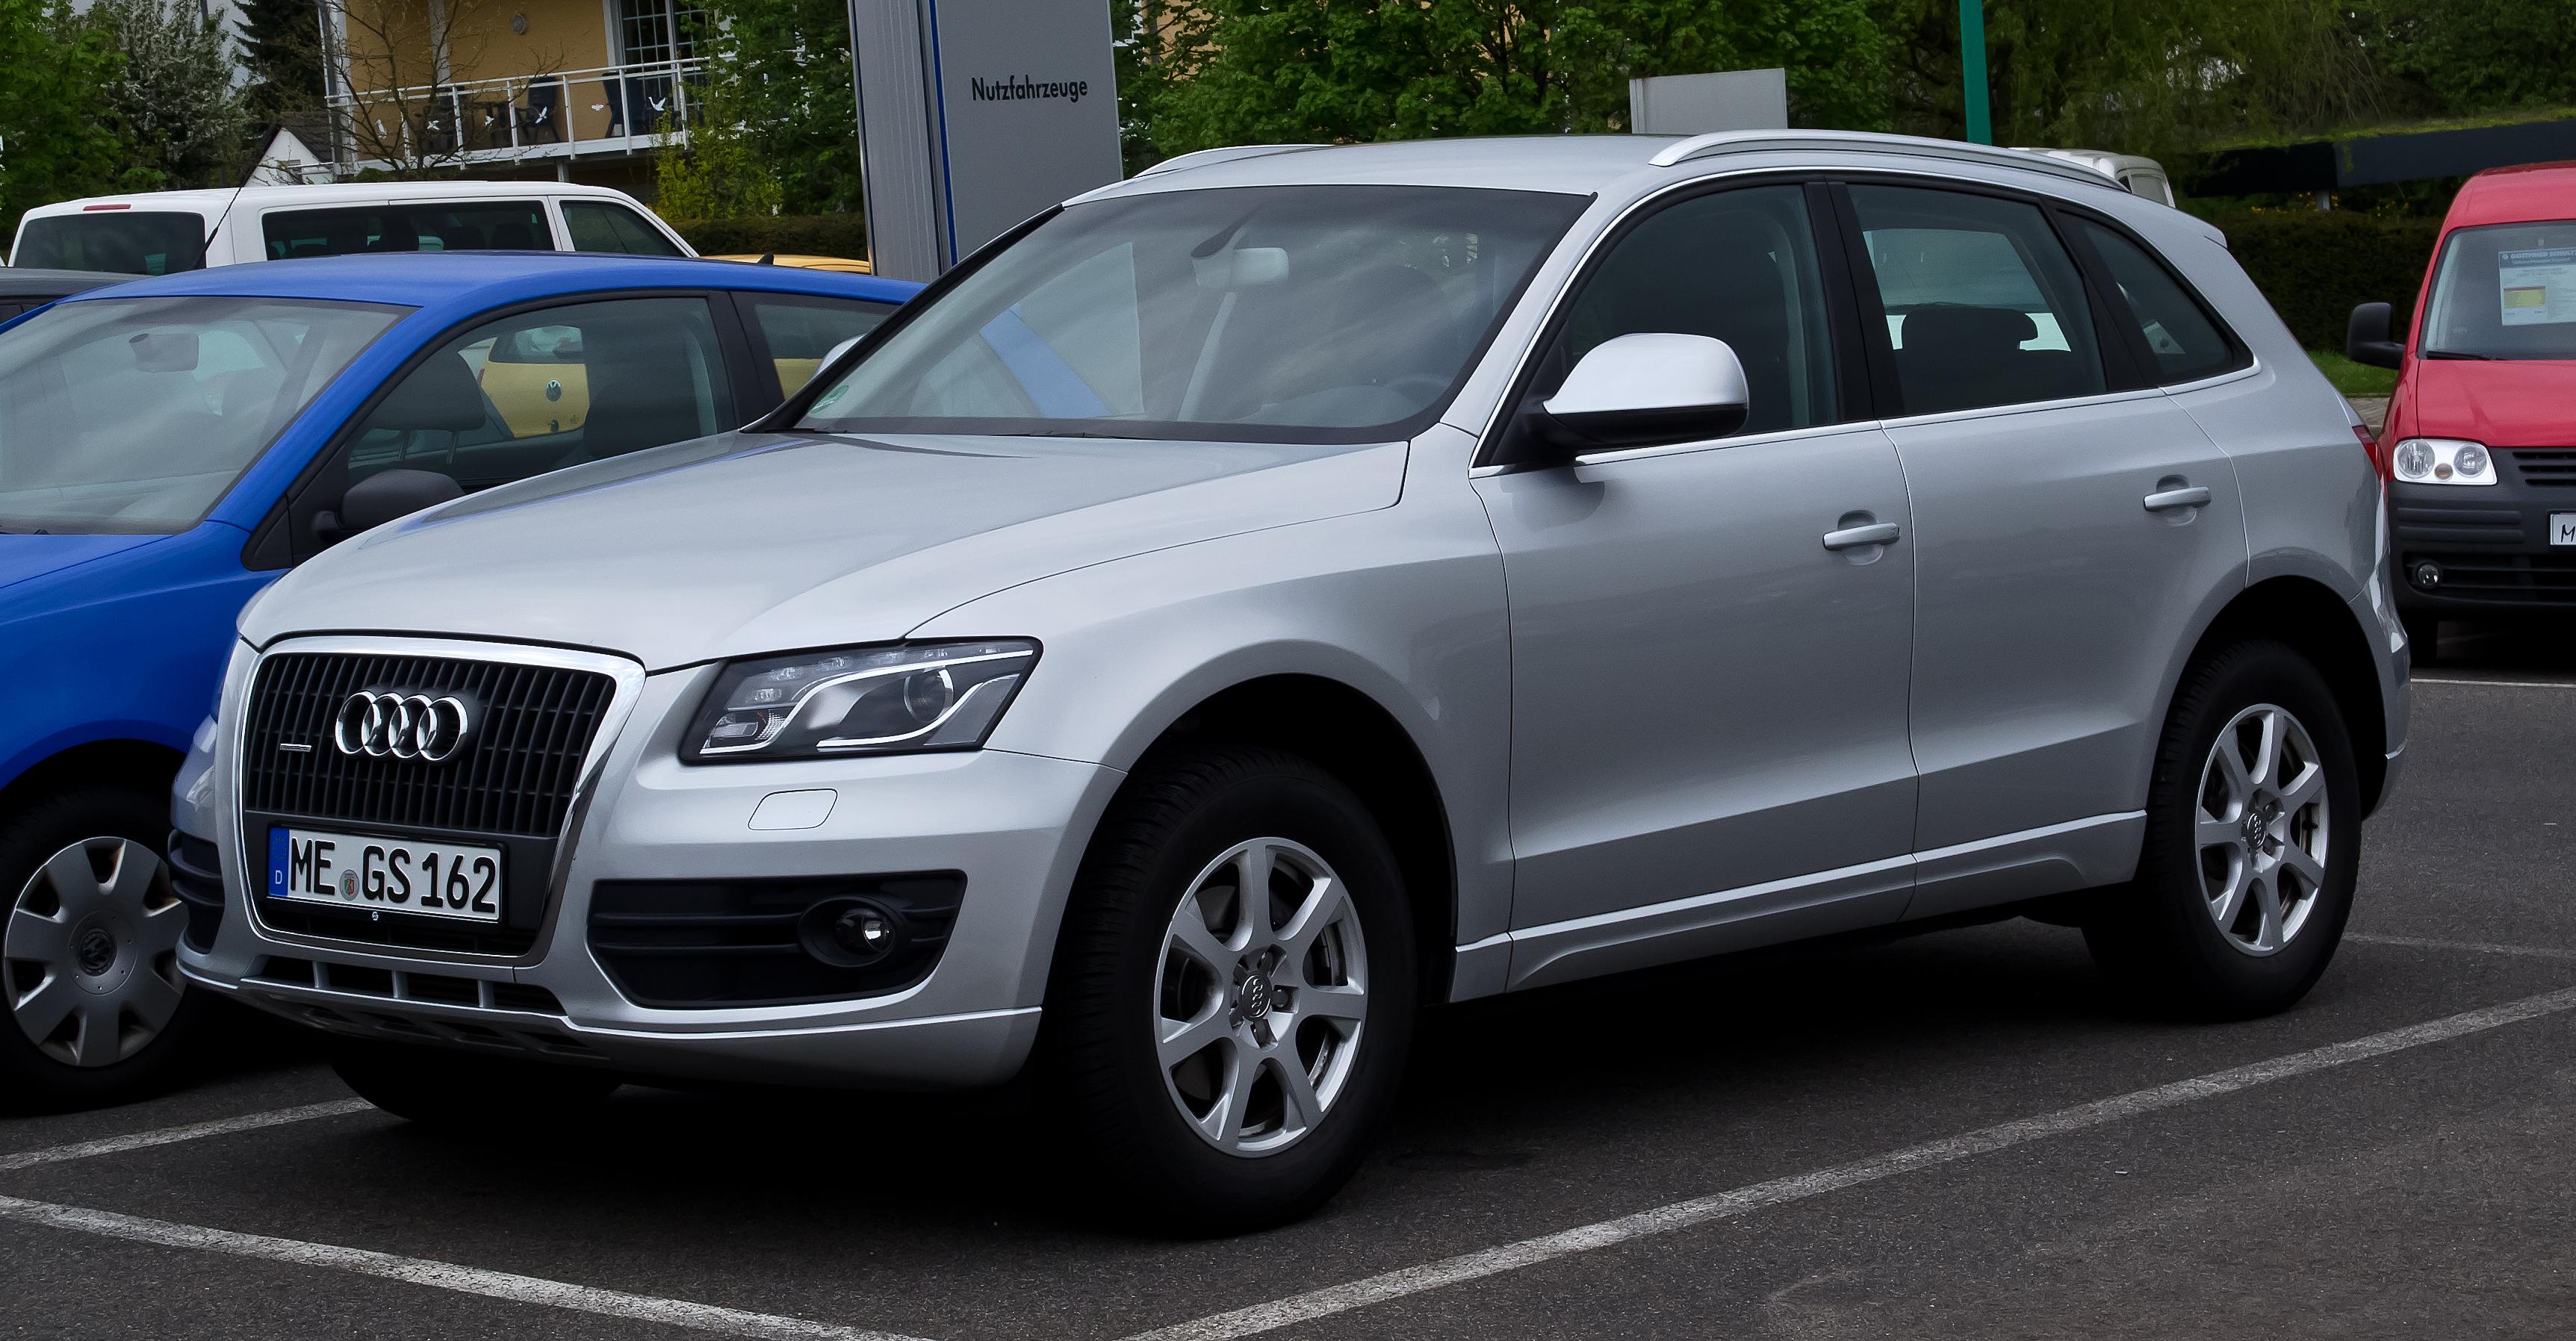 File:Audi Q5 2.0 TFSI quattro – Frontansicht, 3. Mai 2012, Velbert.jpg - Wikimedia Commons